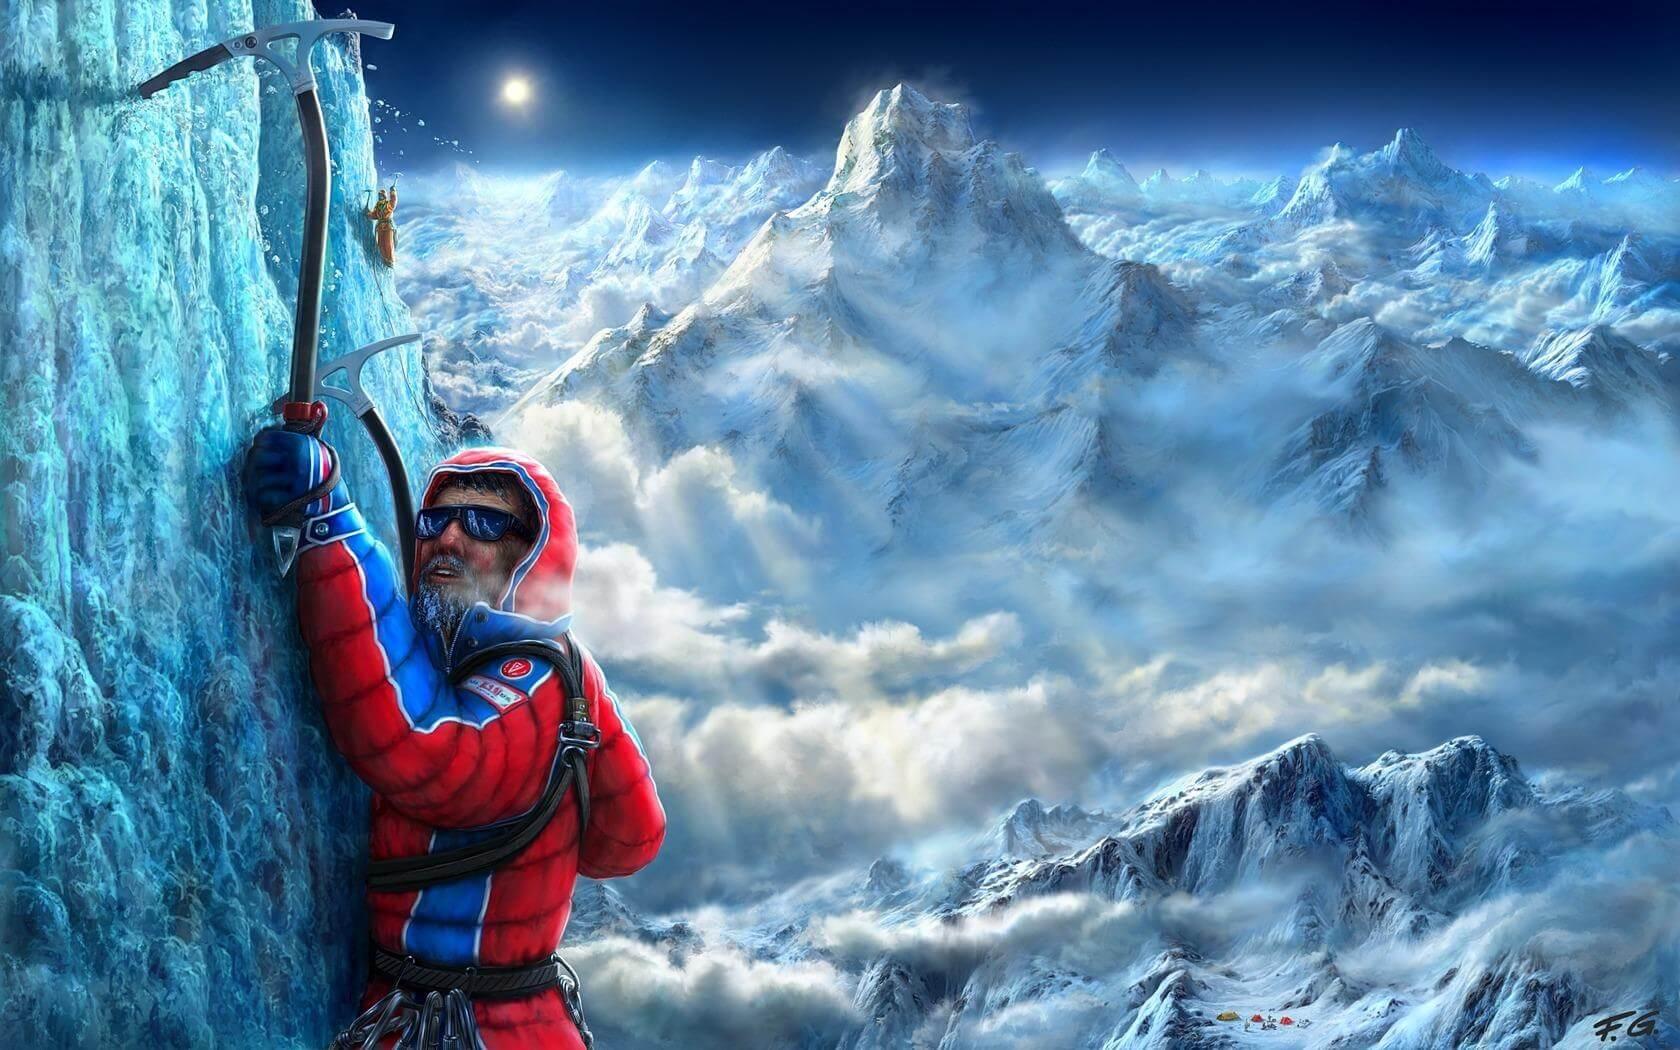 у альпинистов гемоглобин повышен